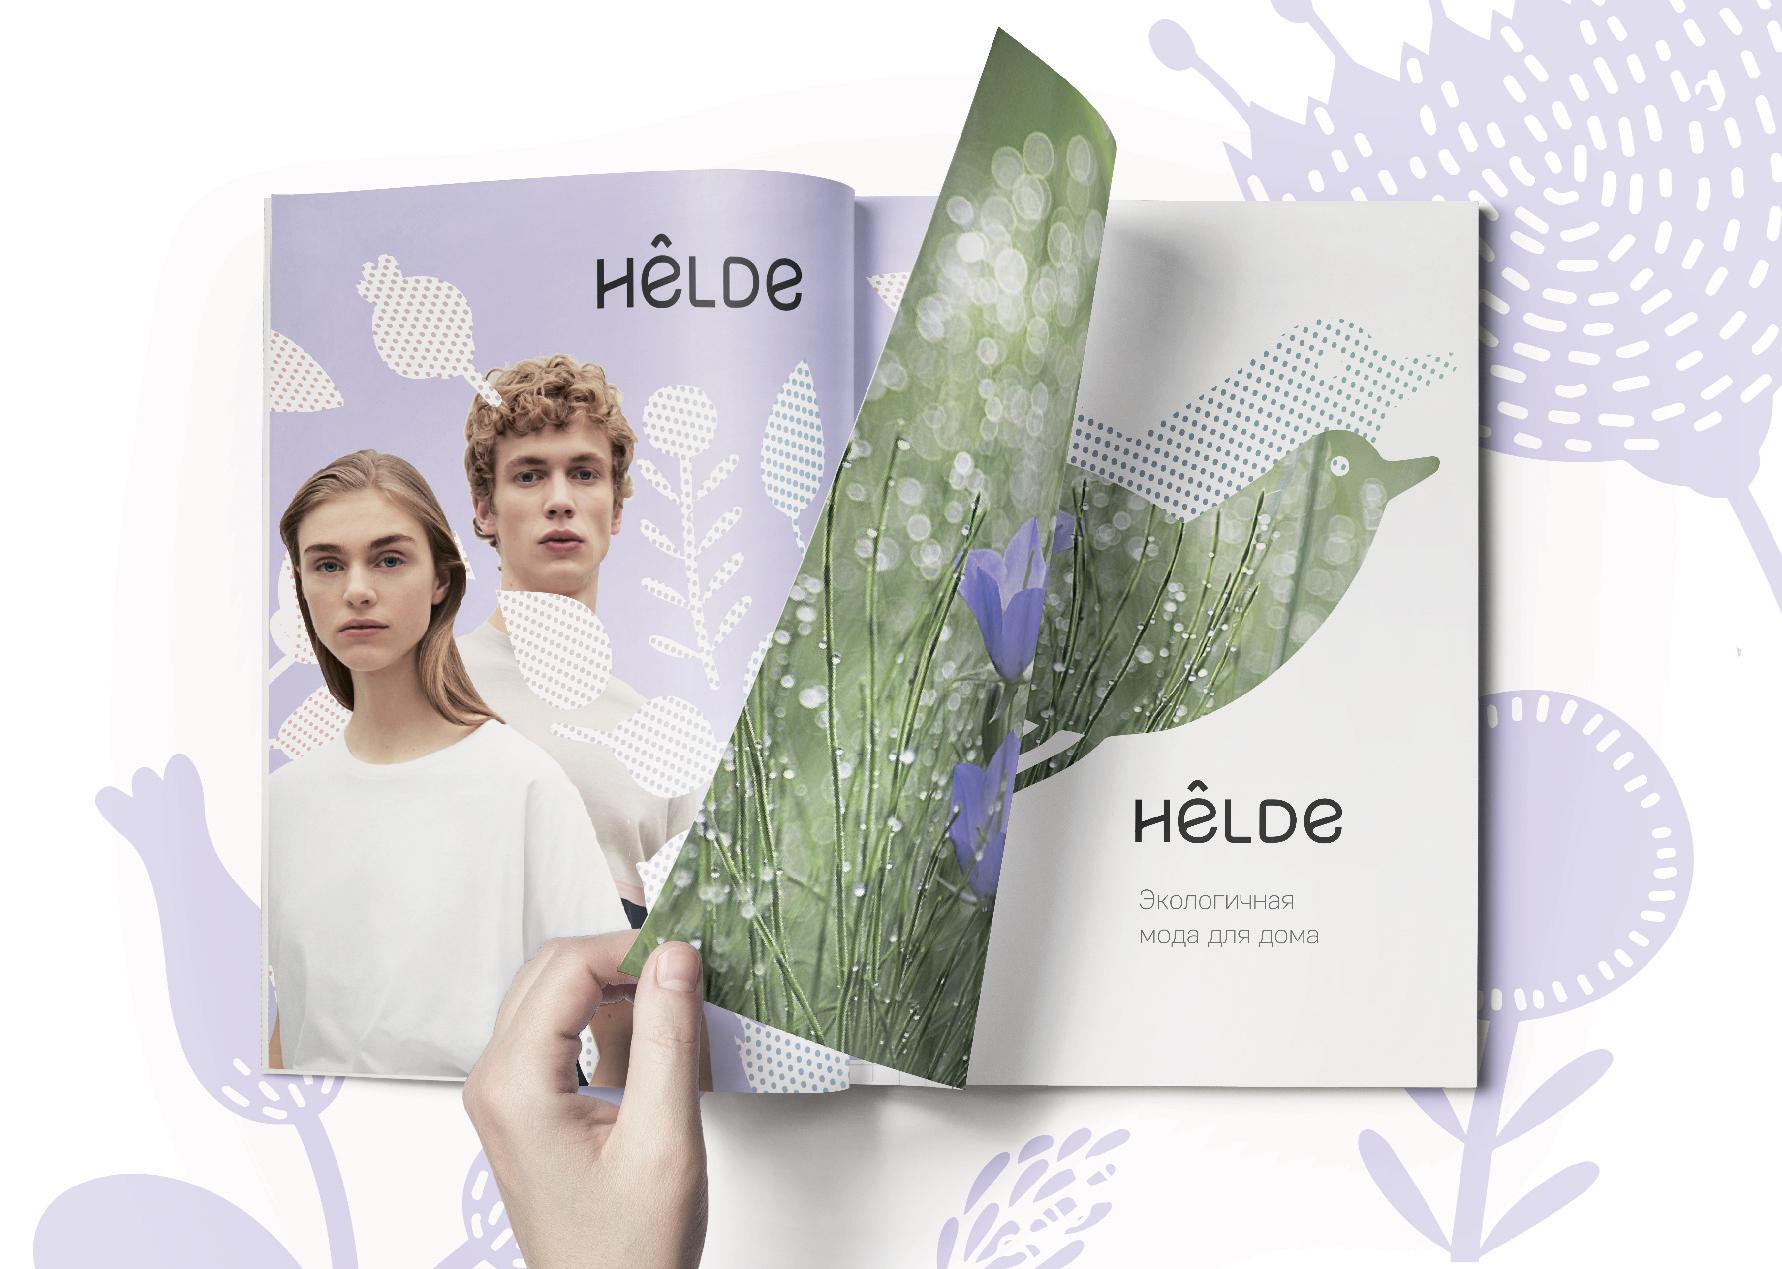 Helde_-09